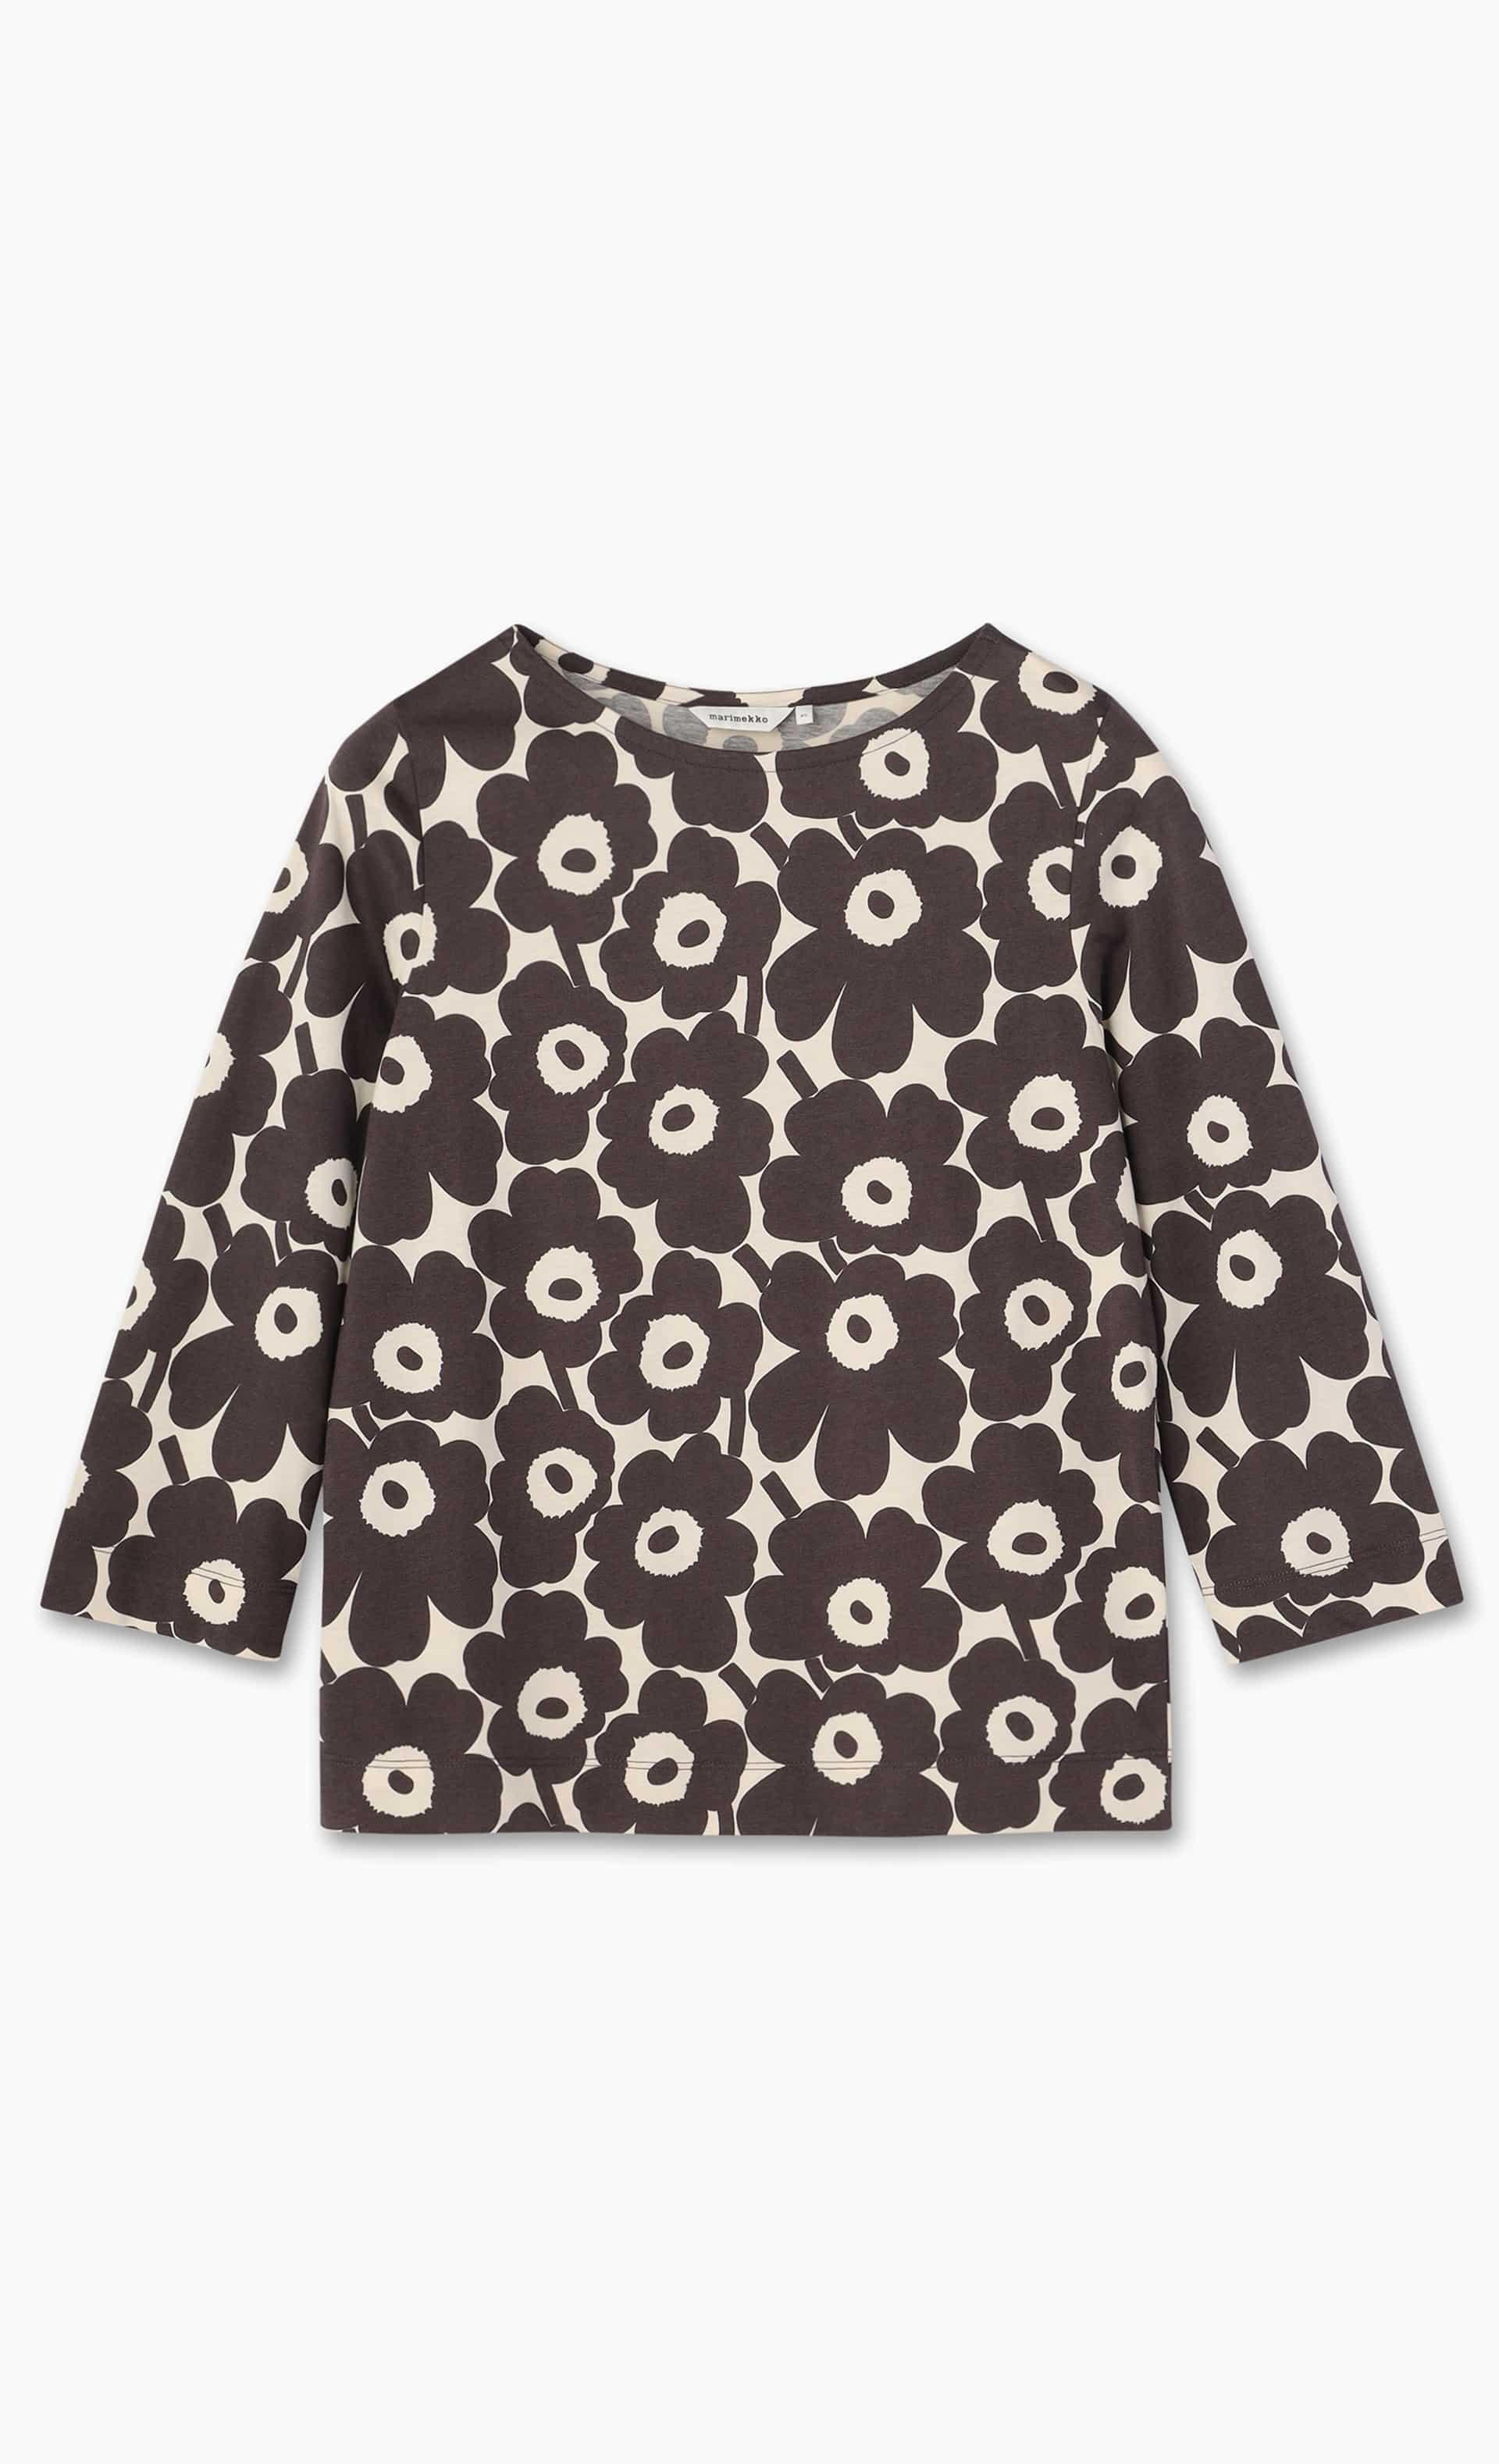 Kuvansa Mini Unikko Tシャツ